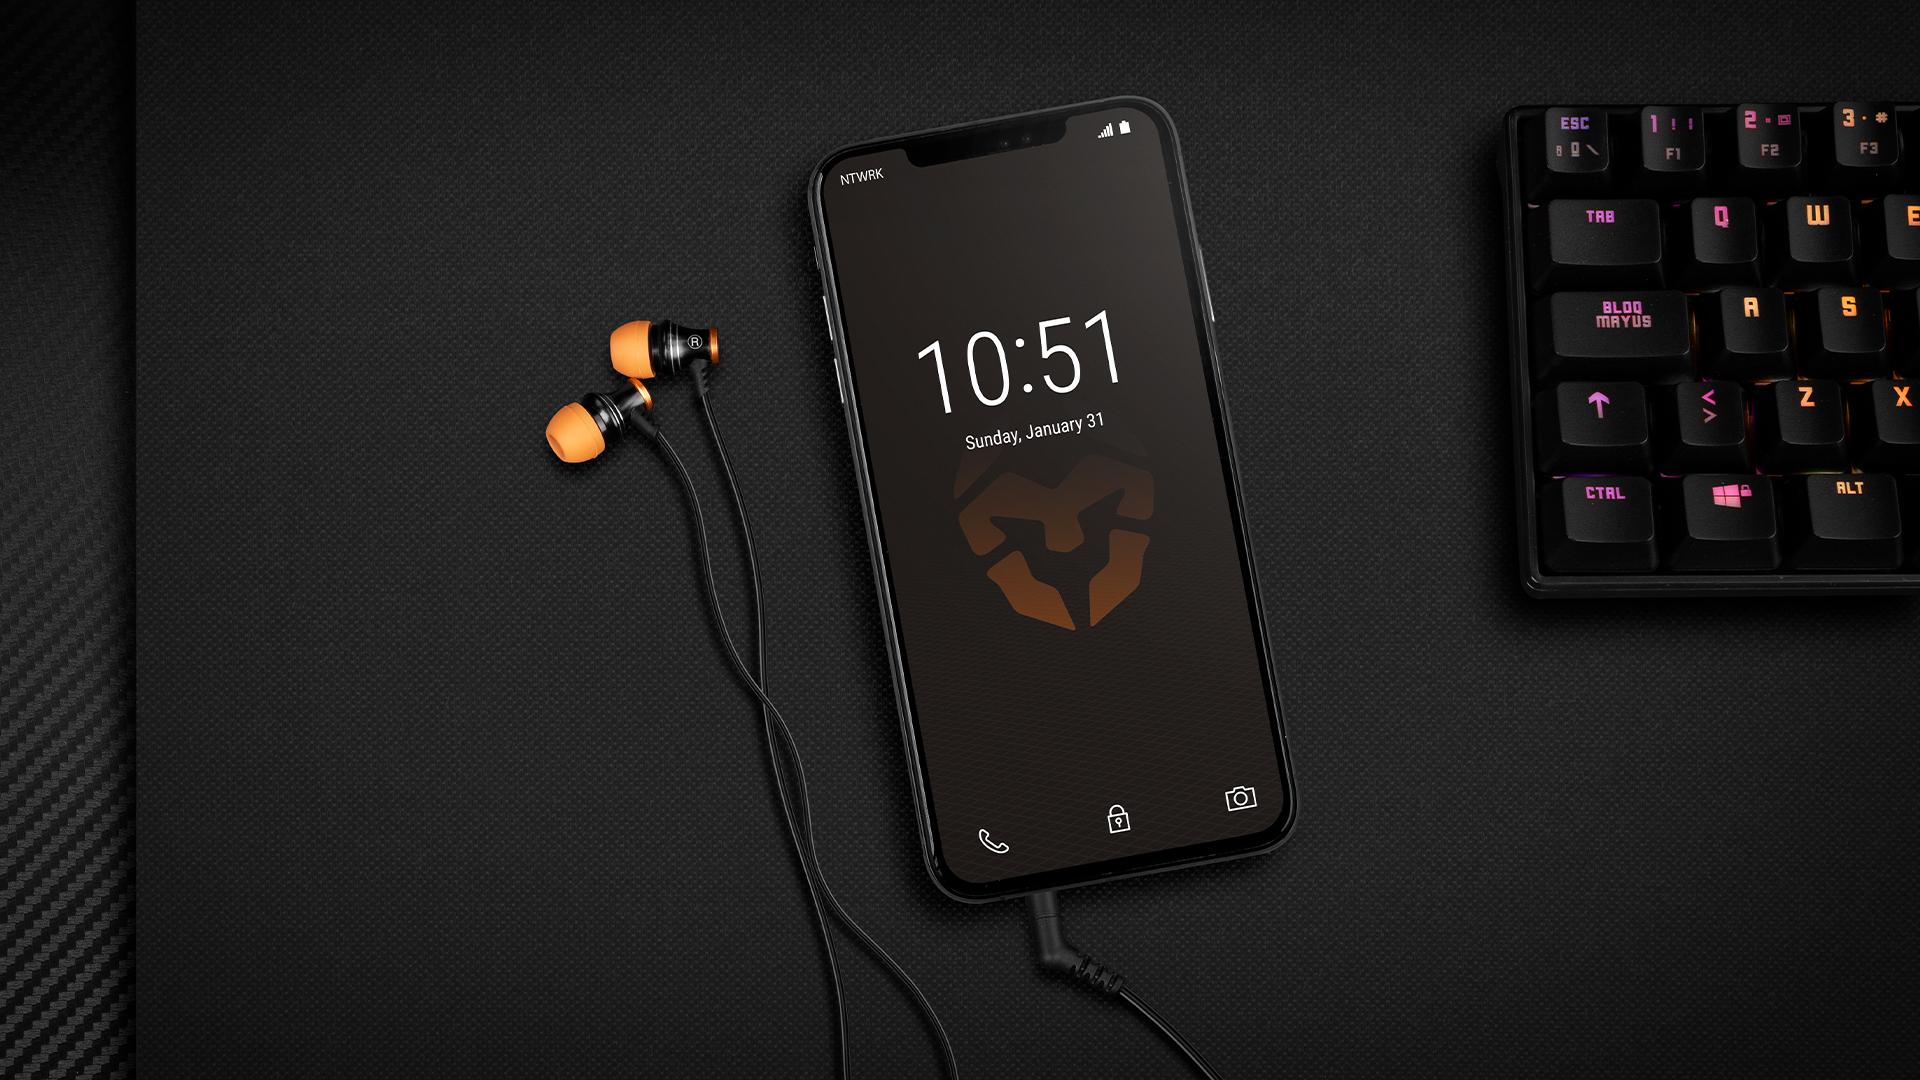 Krom presenta Kinear unos auriculares in ear con micrófono integrado y control